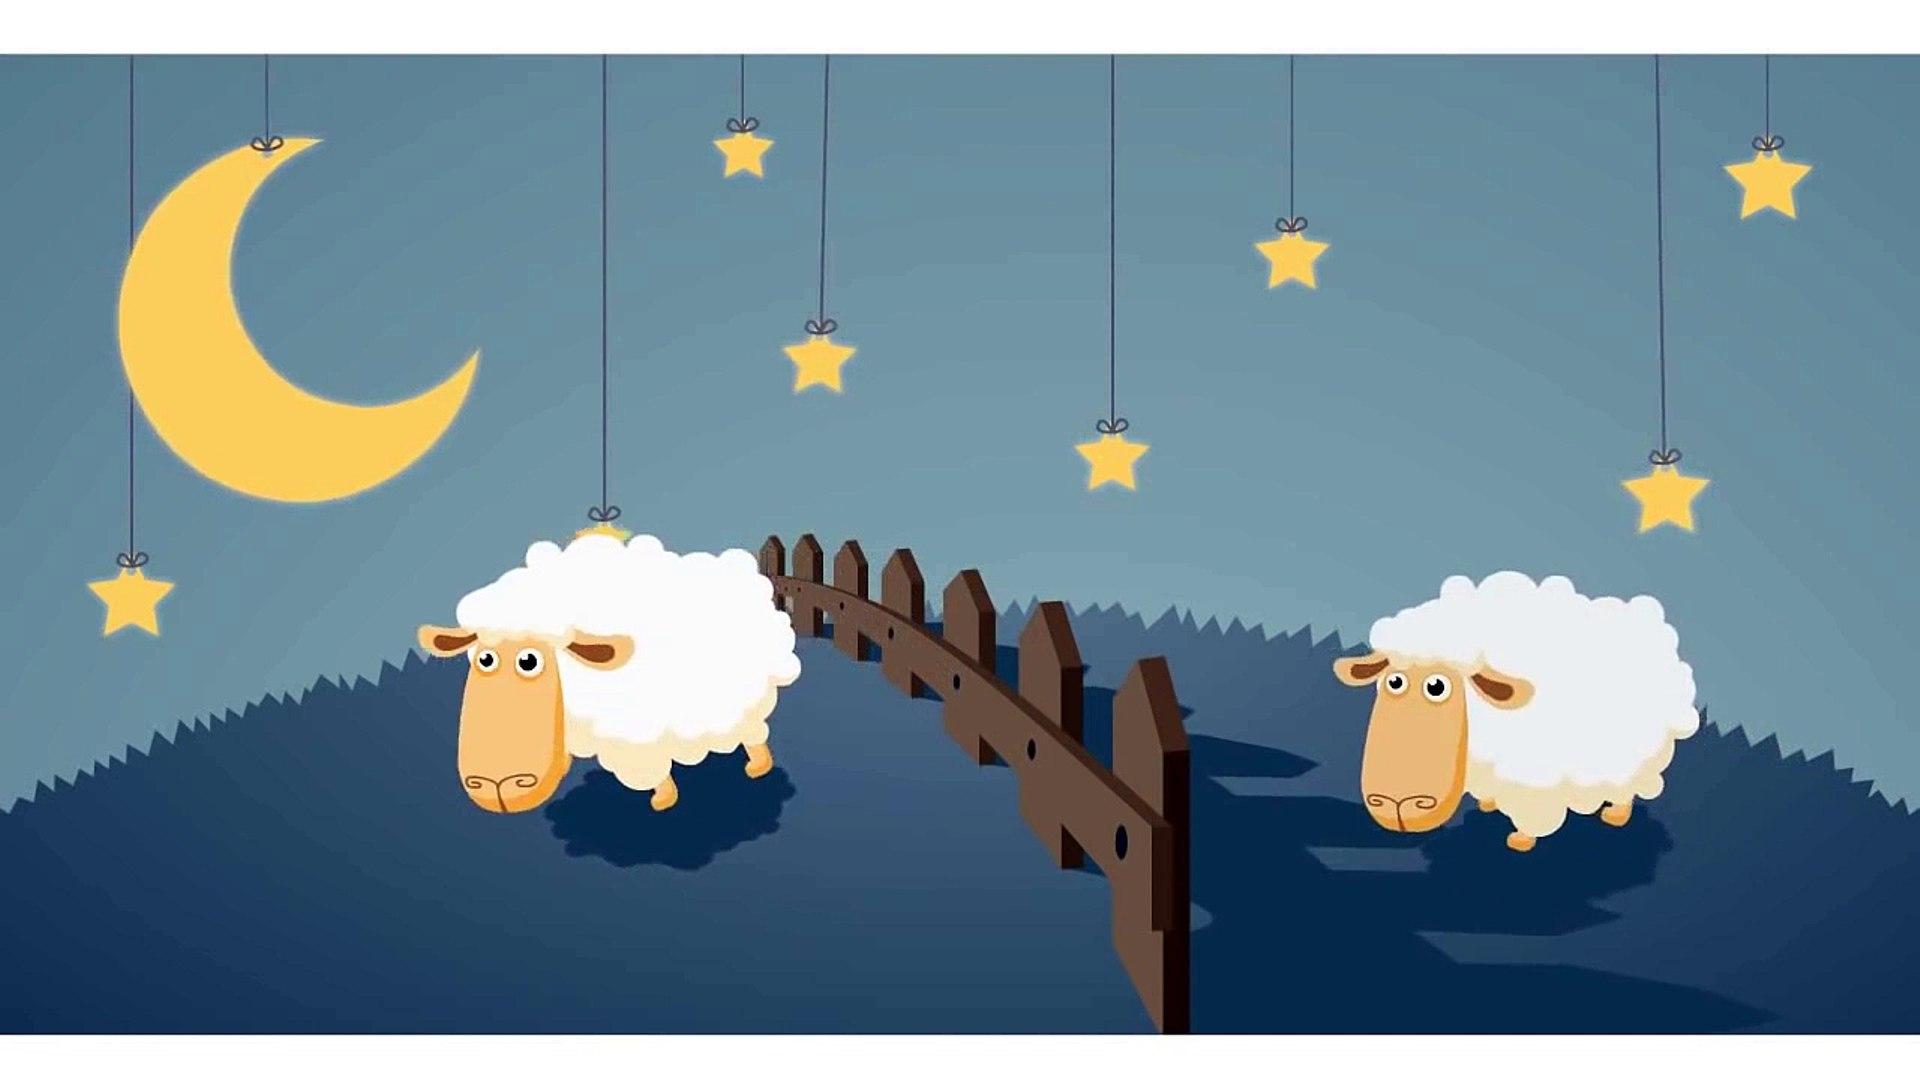 Τελικά τα προβατάκια μπορούν να νικήσουν τις αϋπνίες;